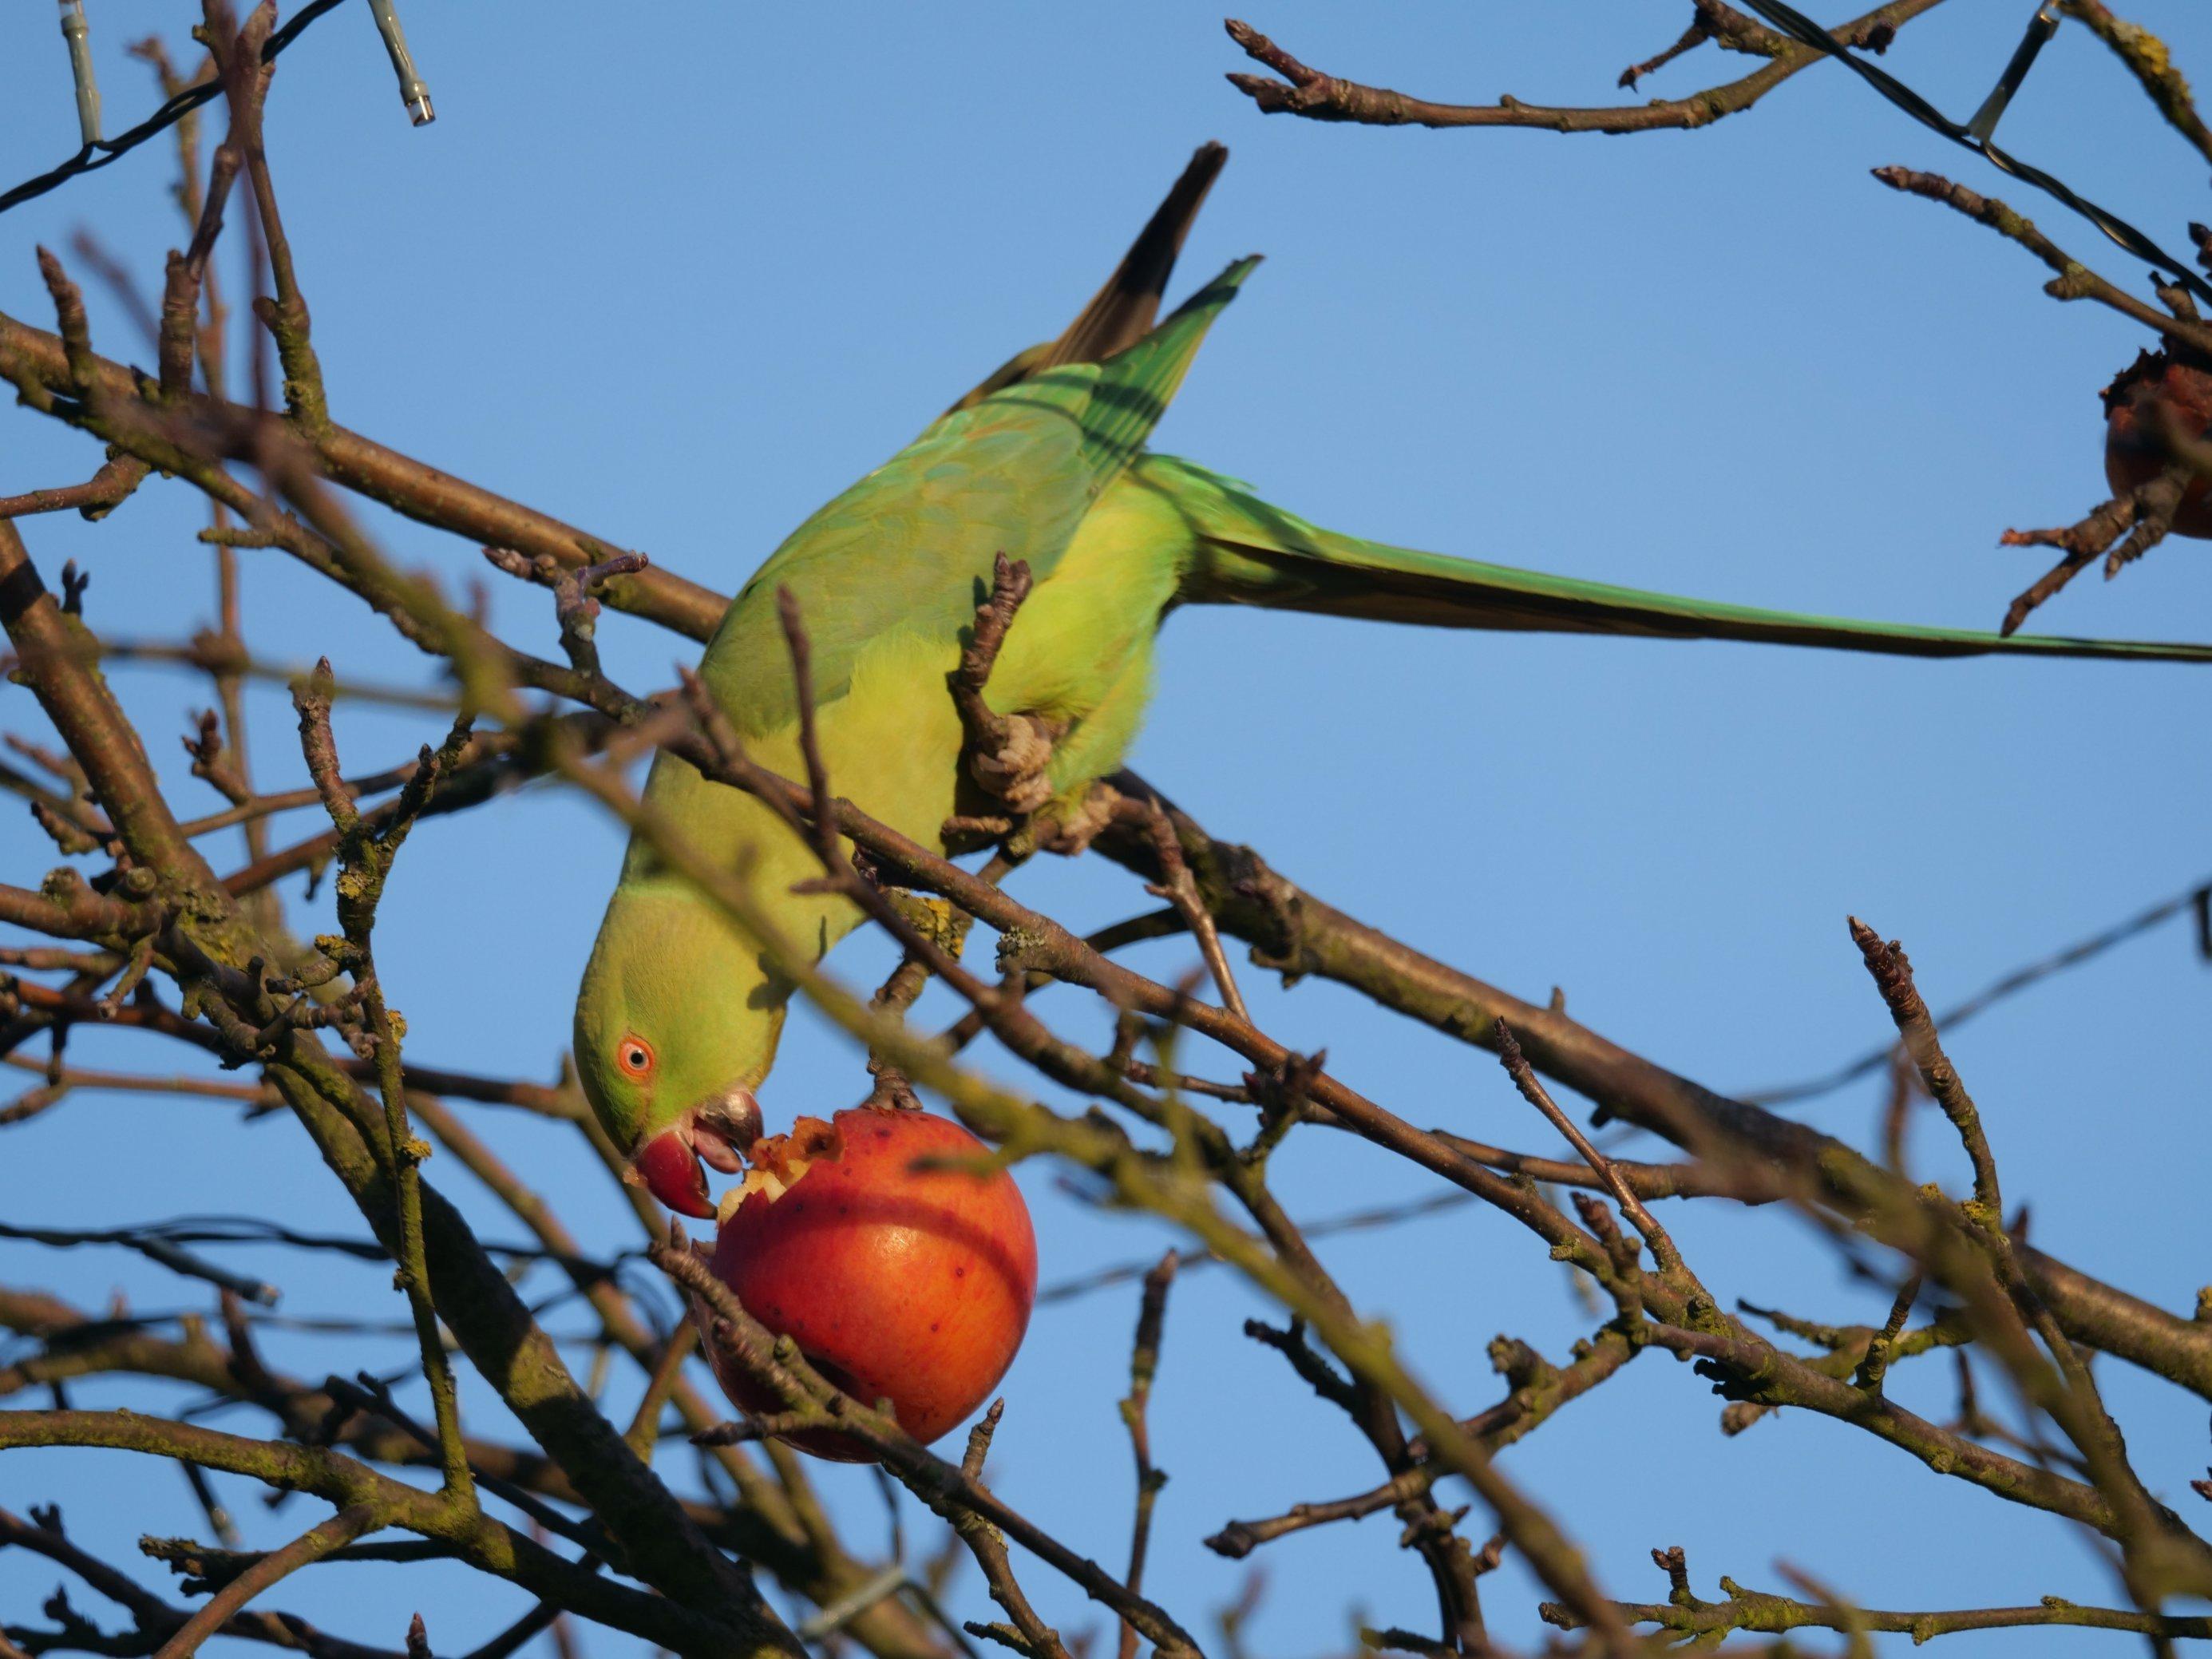 Ein Halsbandsittich sitzt auf dem Baum und knabbert einen Apfel an.